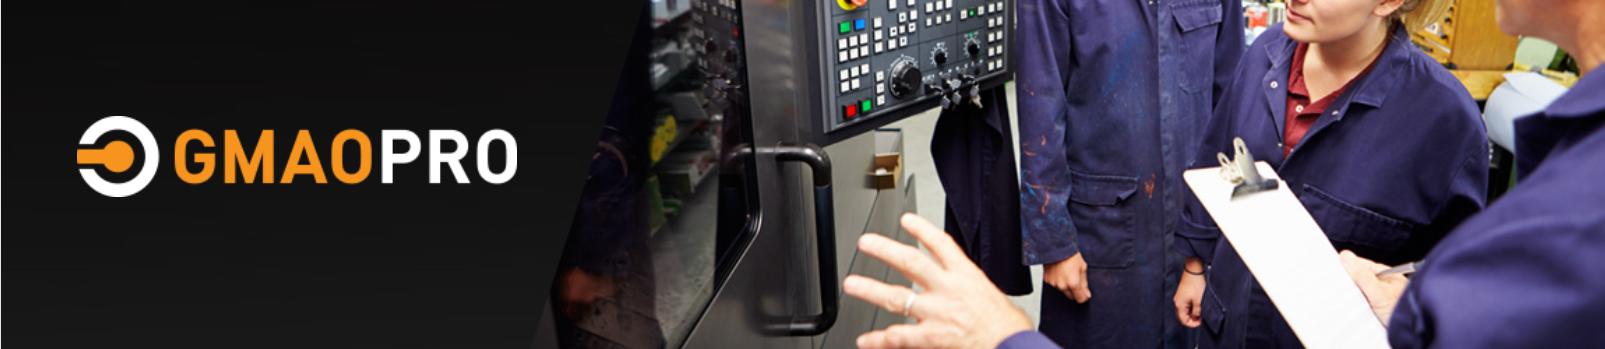 ISO9001, SMQ, Qualité, Quality, Systeme de Management, Maintenance, GMAO